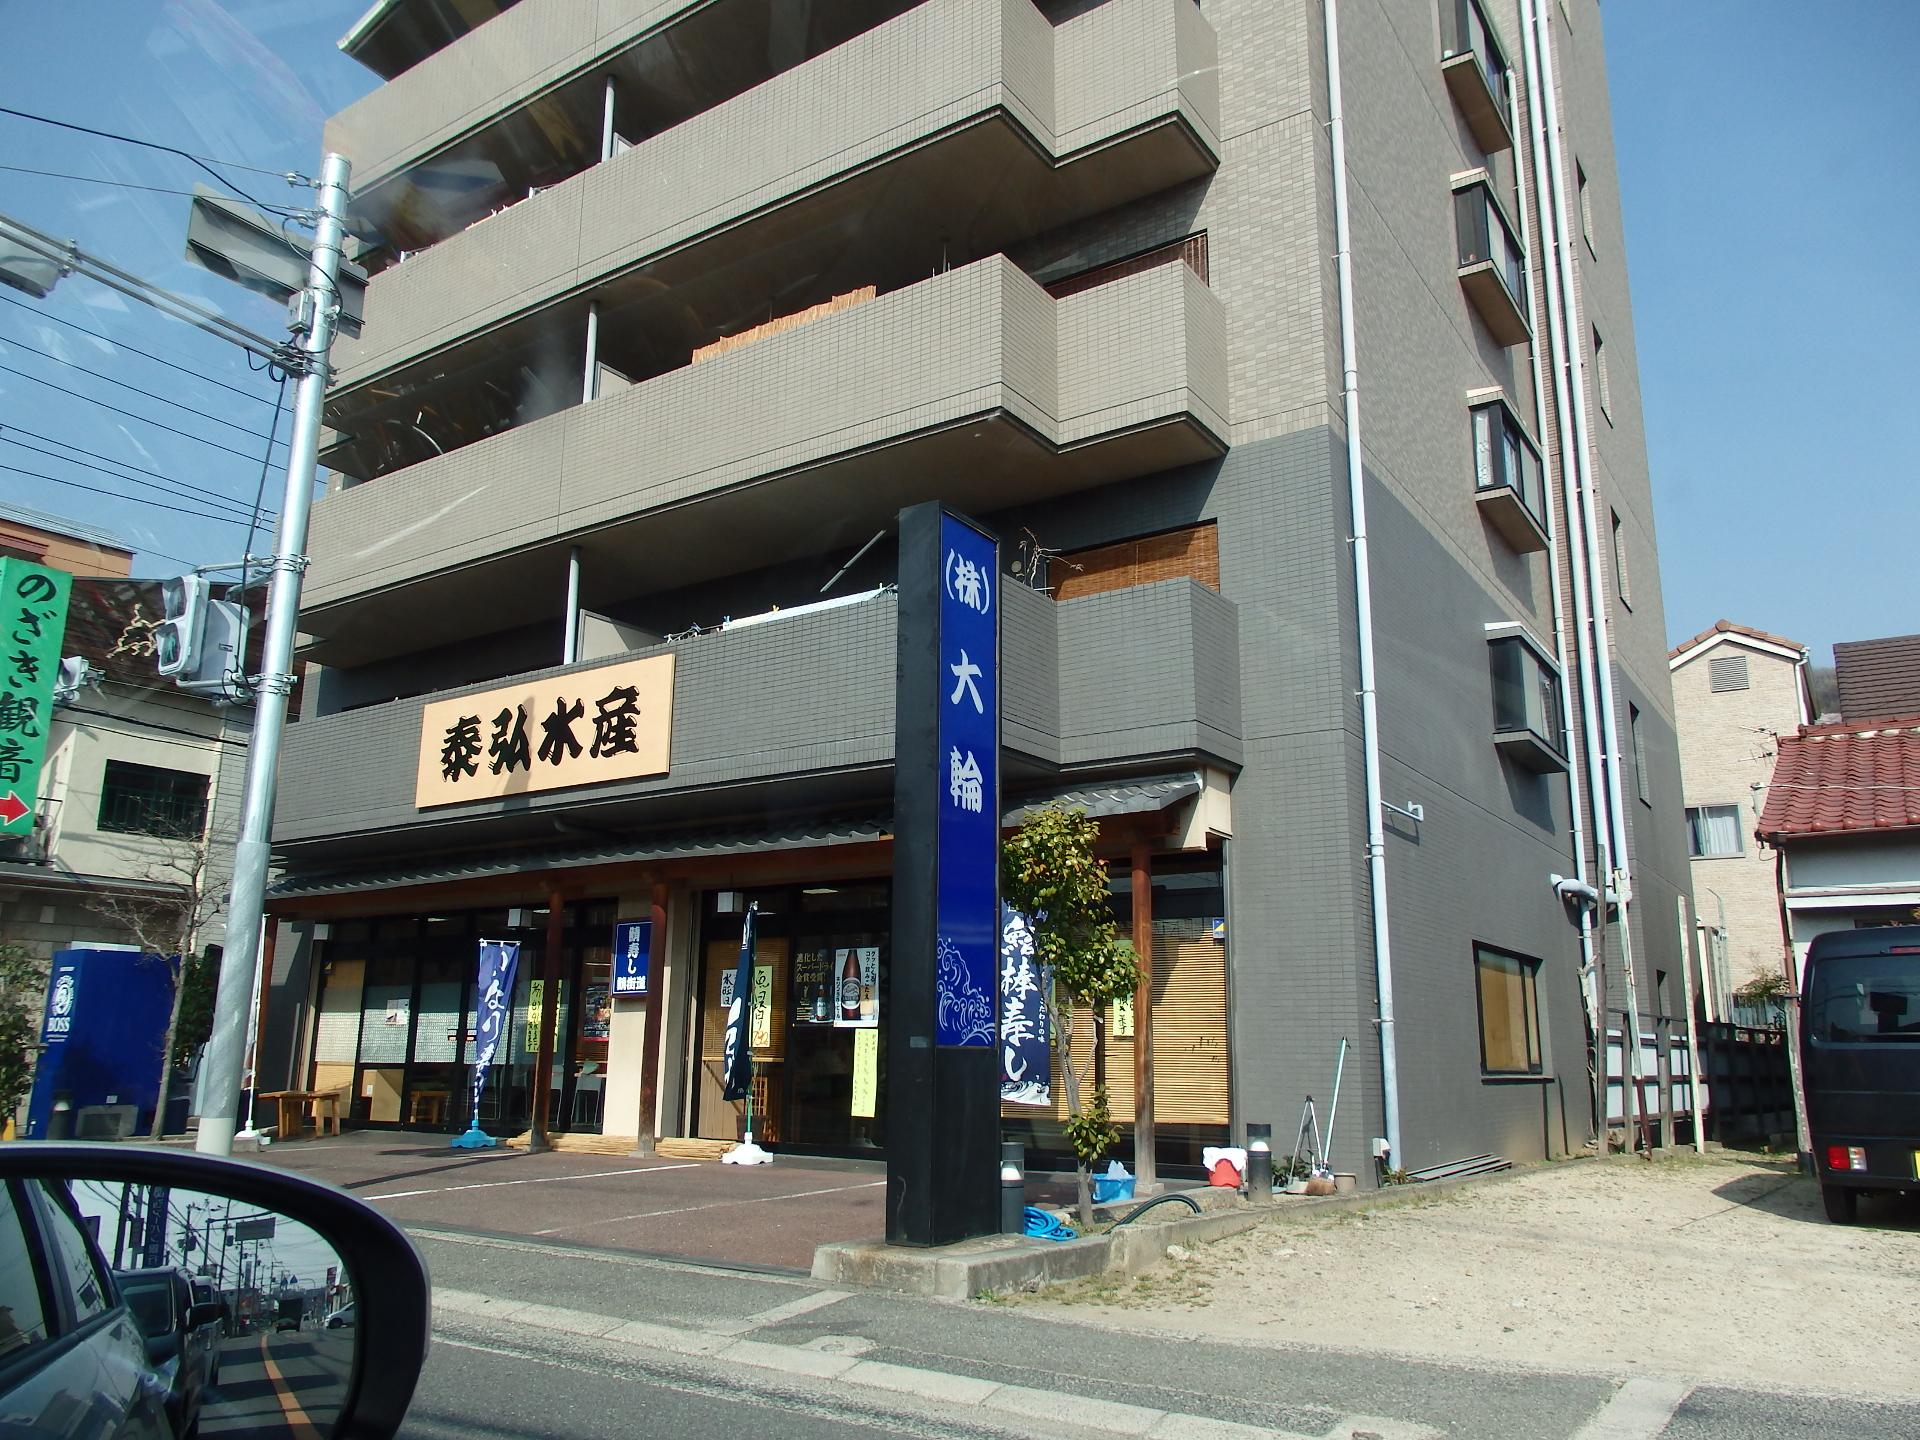 老舗のお菓子処「鶴屋八幡」の跡地です。